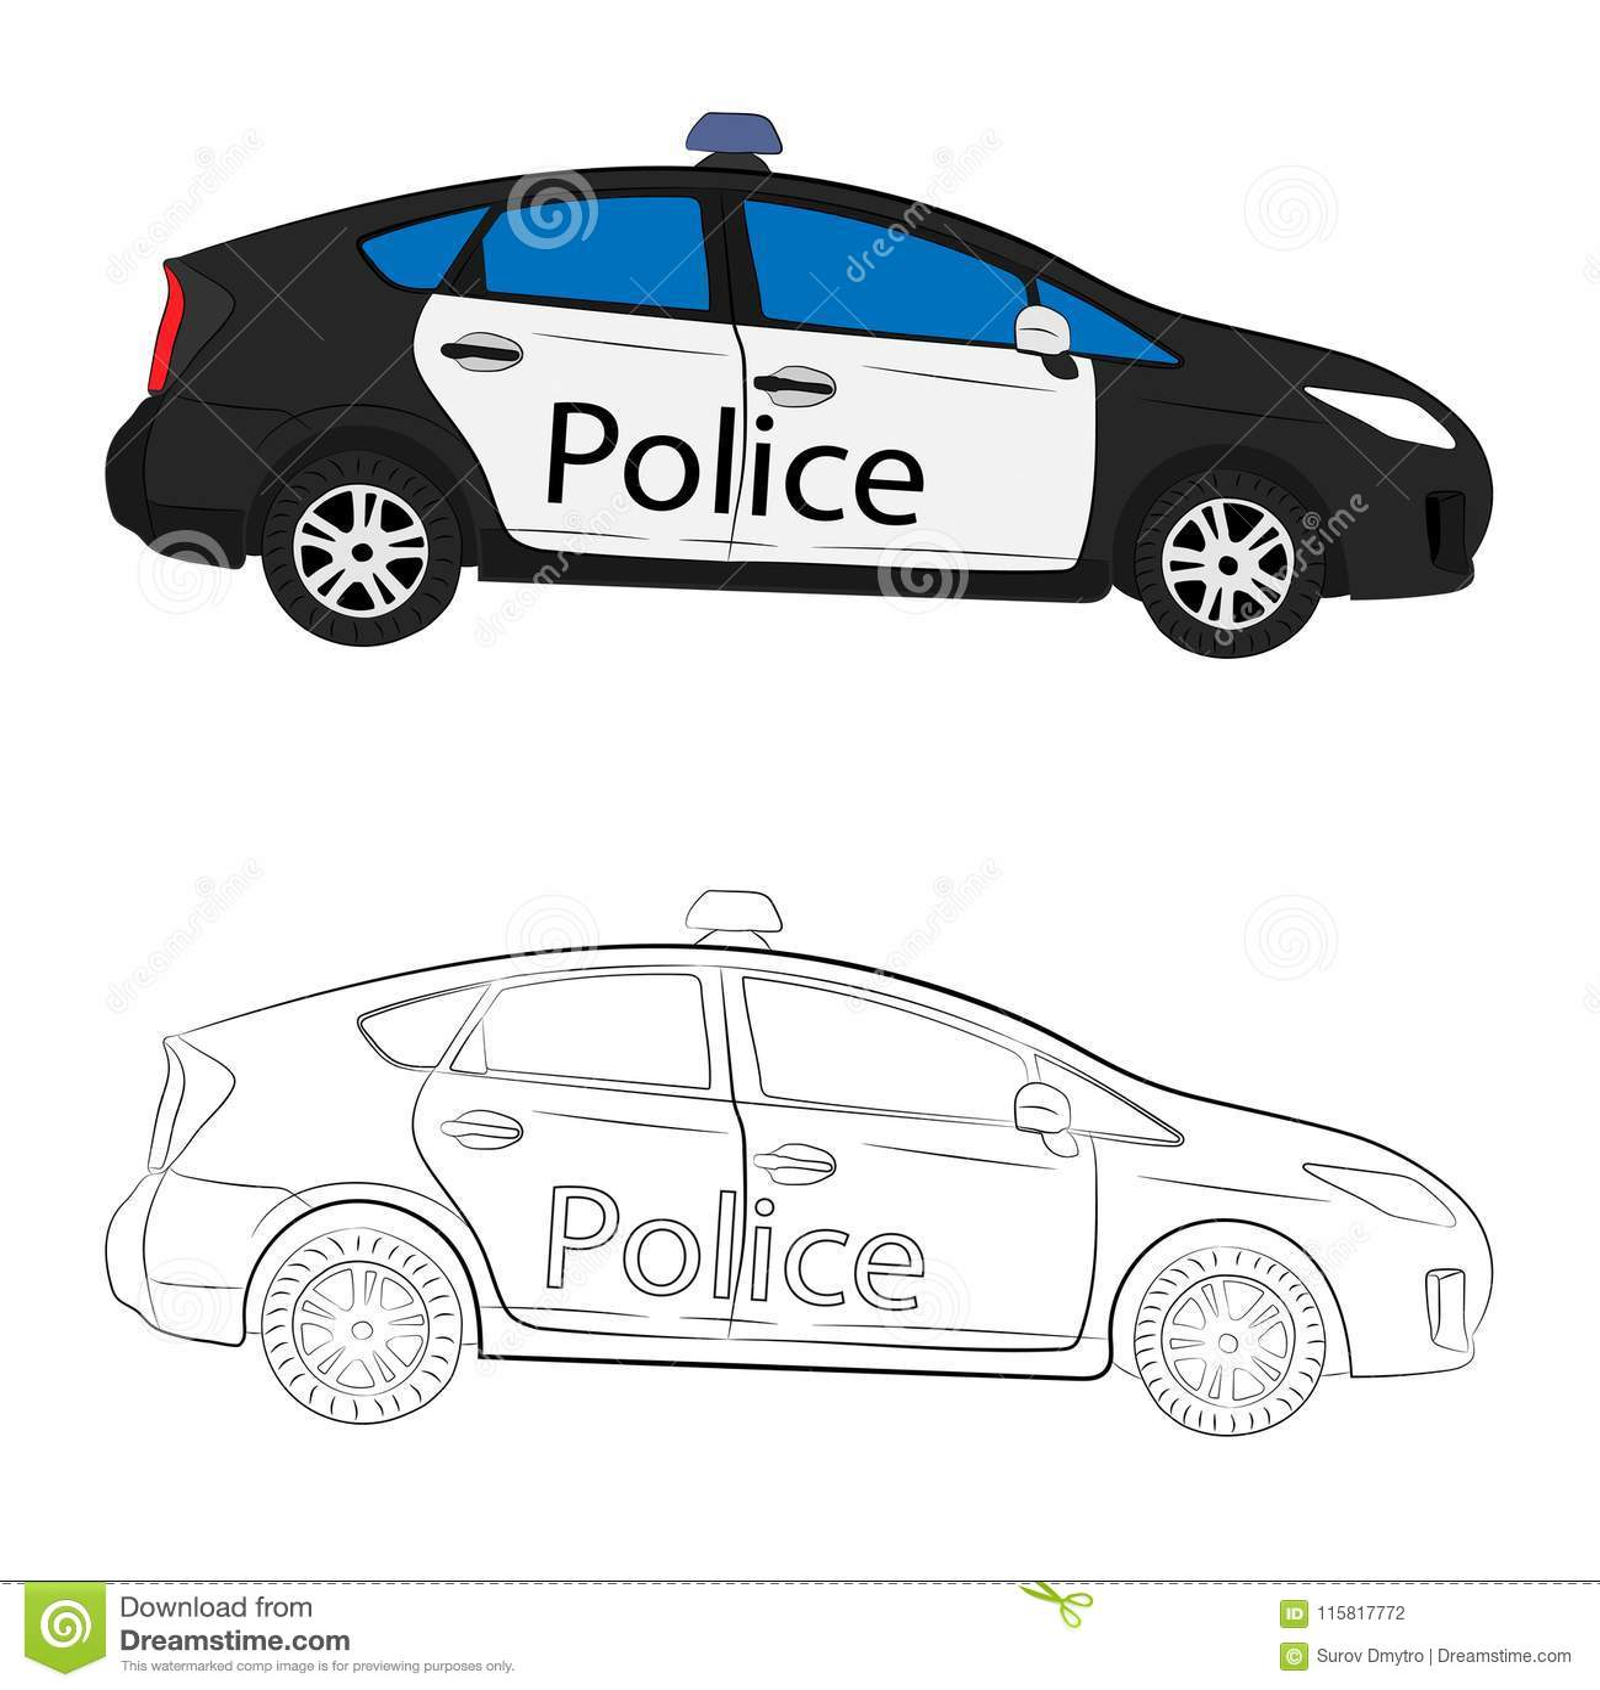 Ilustracao Do Desenho Do Carro De Policia Ilustracao Stock